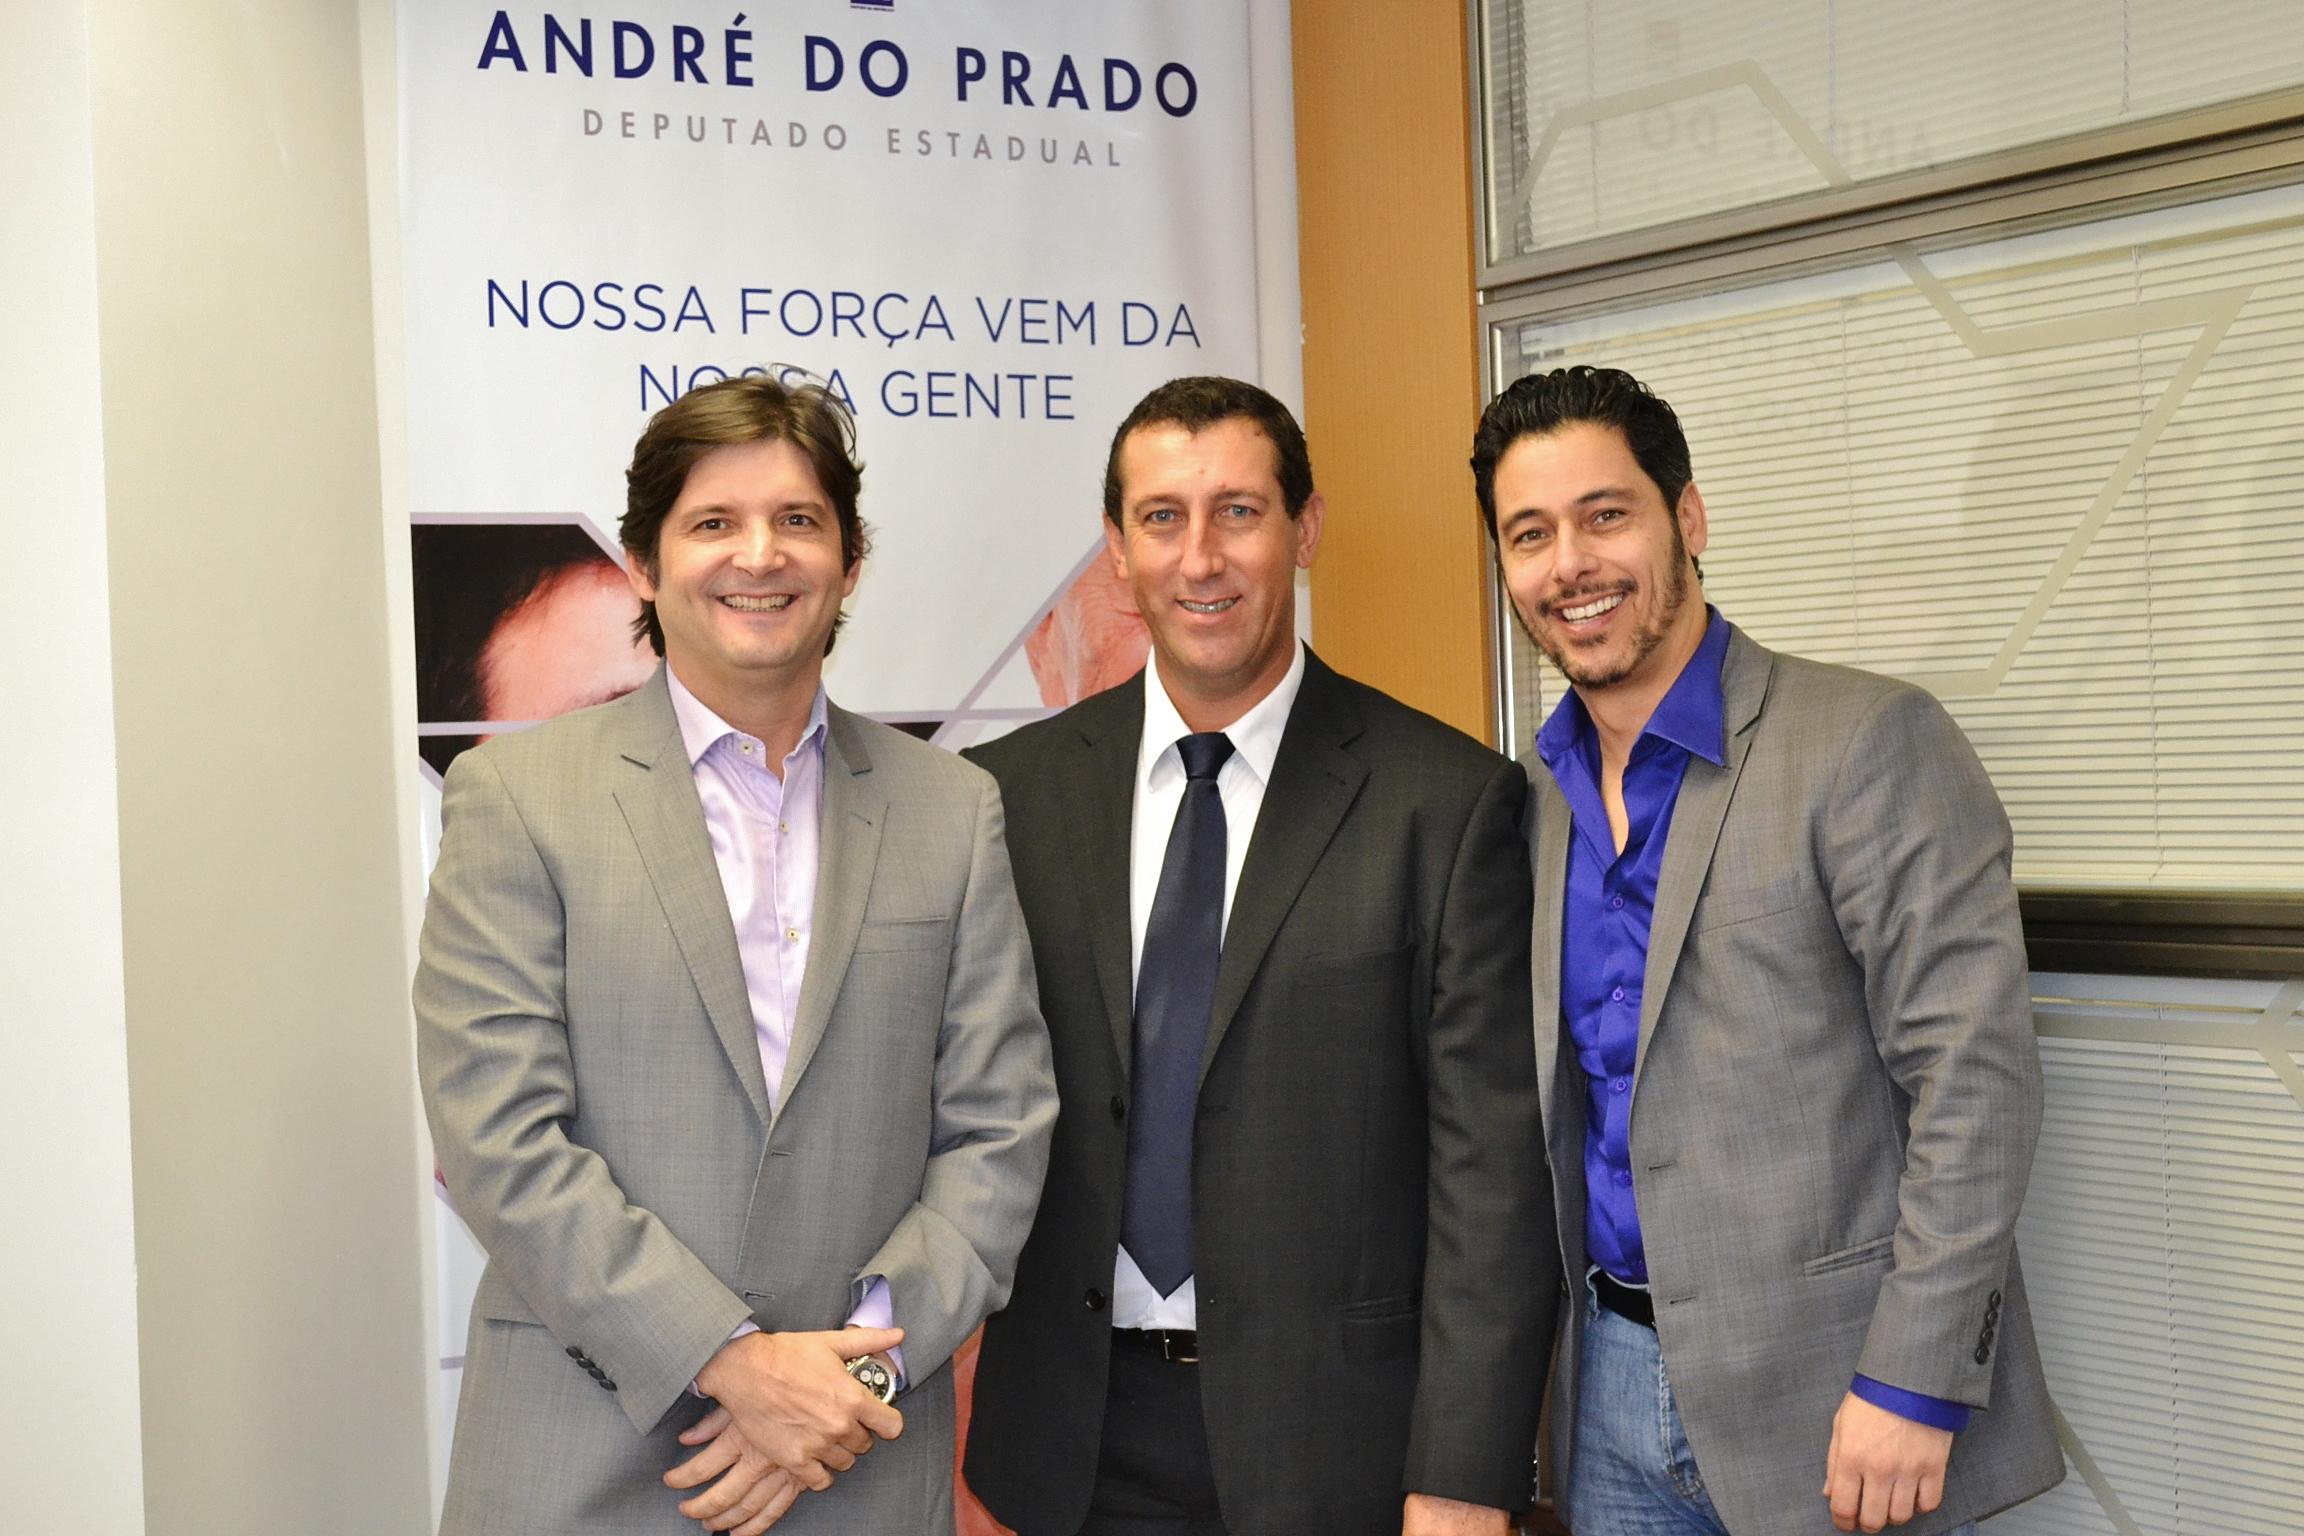 Os deputados André do Prado e Márcio Alvino assumiram o compromisso de trabalhar com empenho para que as demandas sejam debatidas nas secretarias e ministérios e as melhorias aconteçam para a população